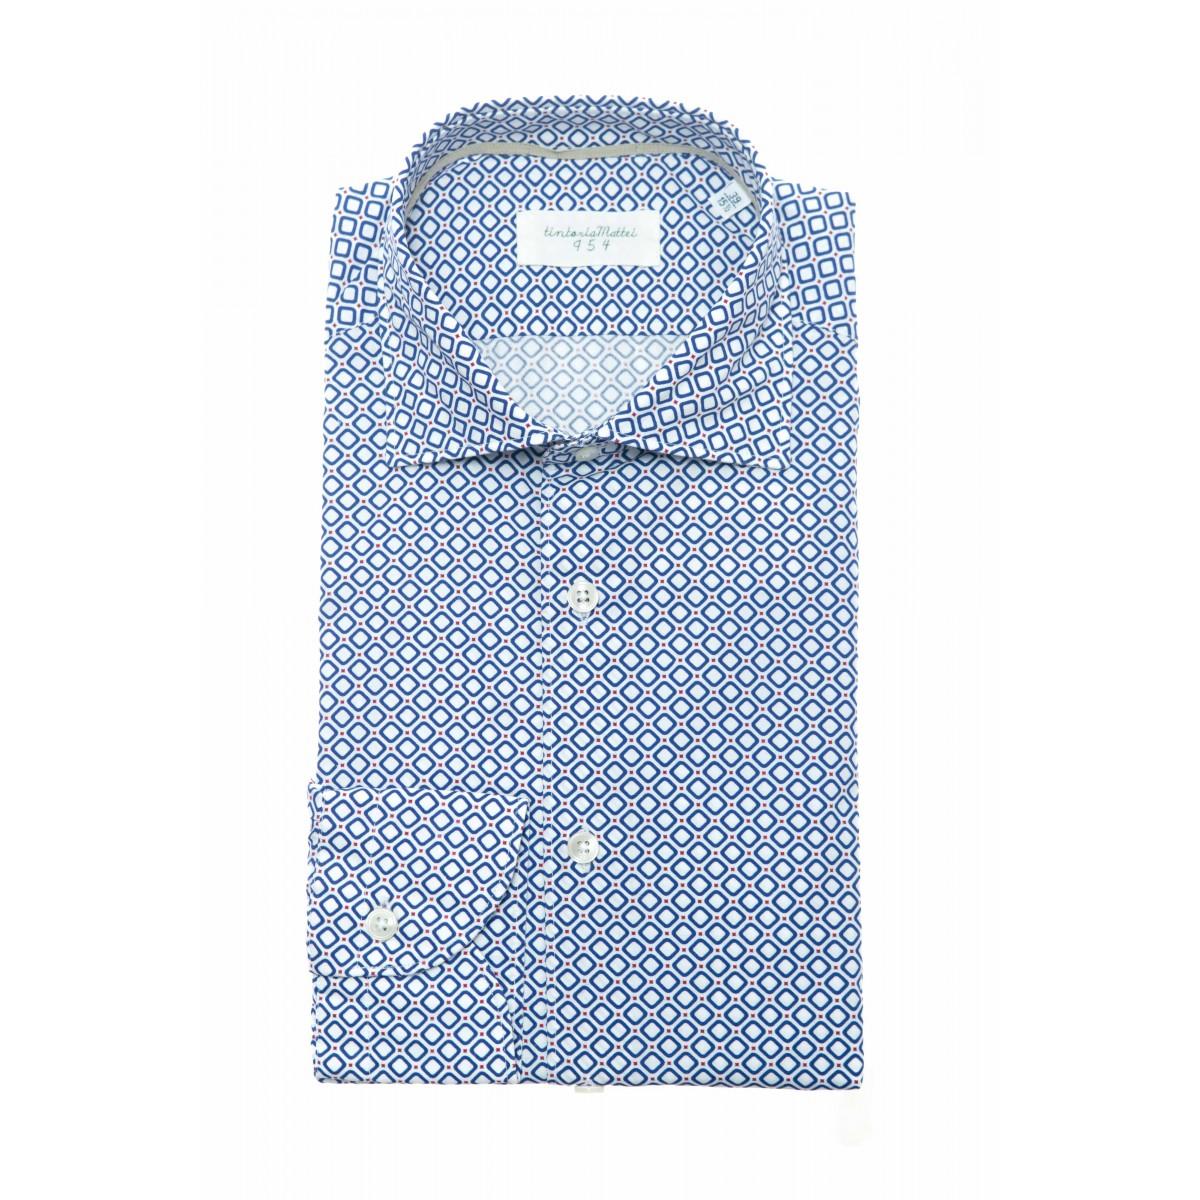 Camicia uomo - Uti njw